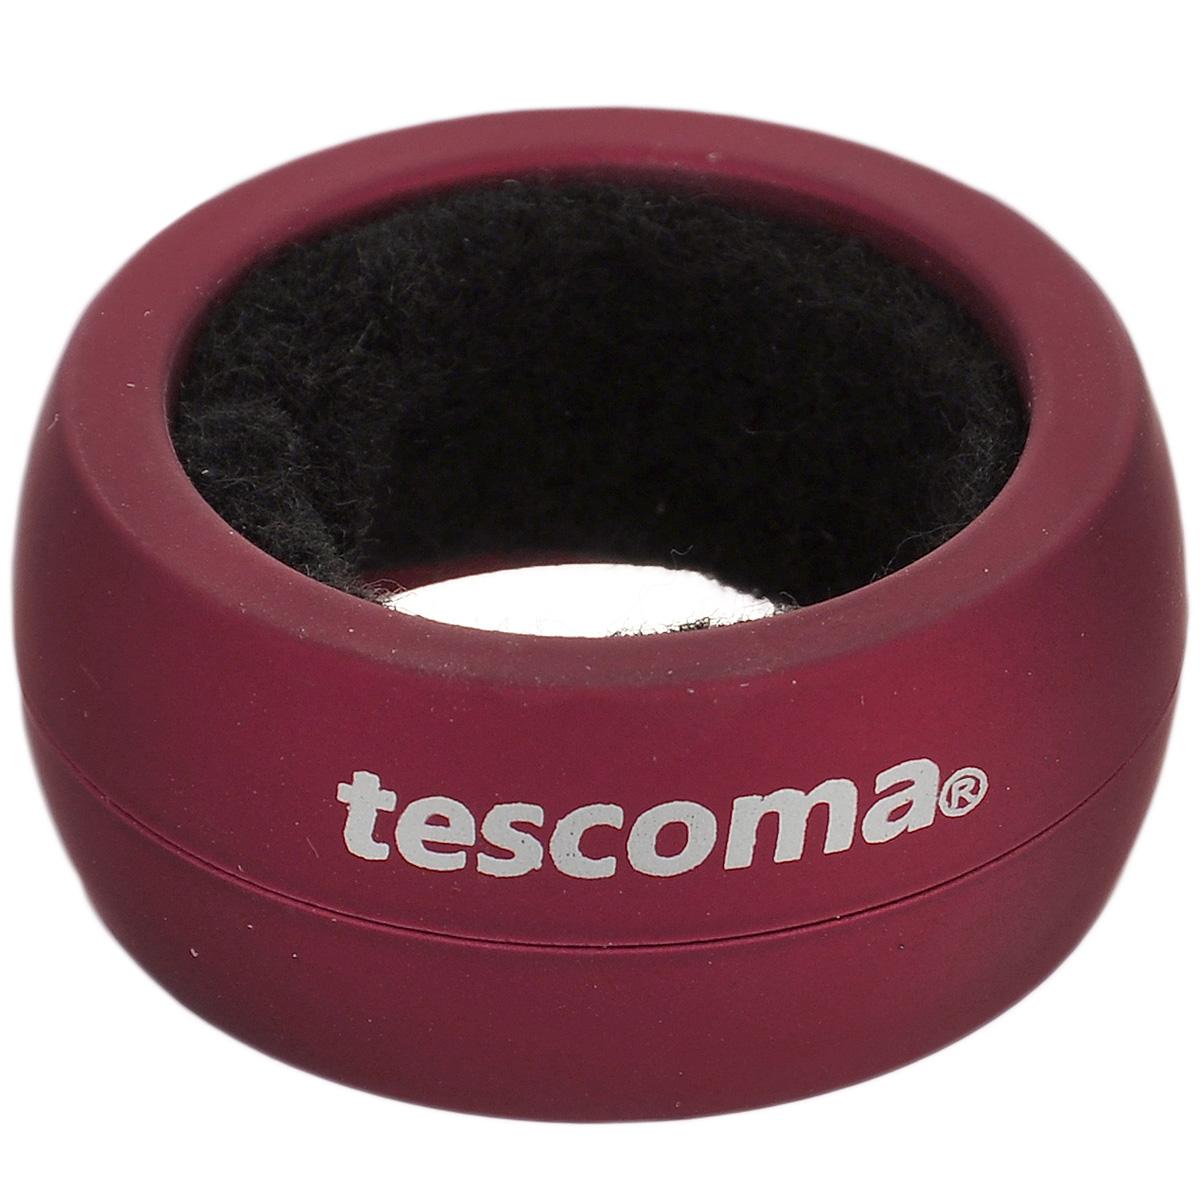 Кольцо для капель Tescoma Uno Vino, цвет: бордовый пробка для шампанского tescoma uno vino 695428